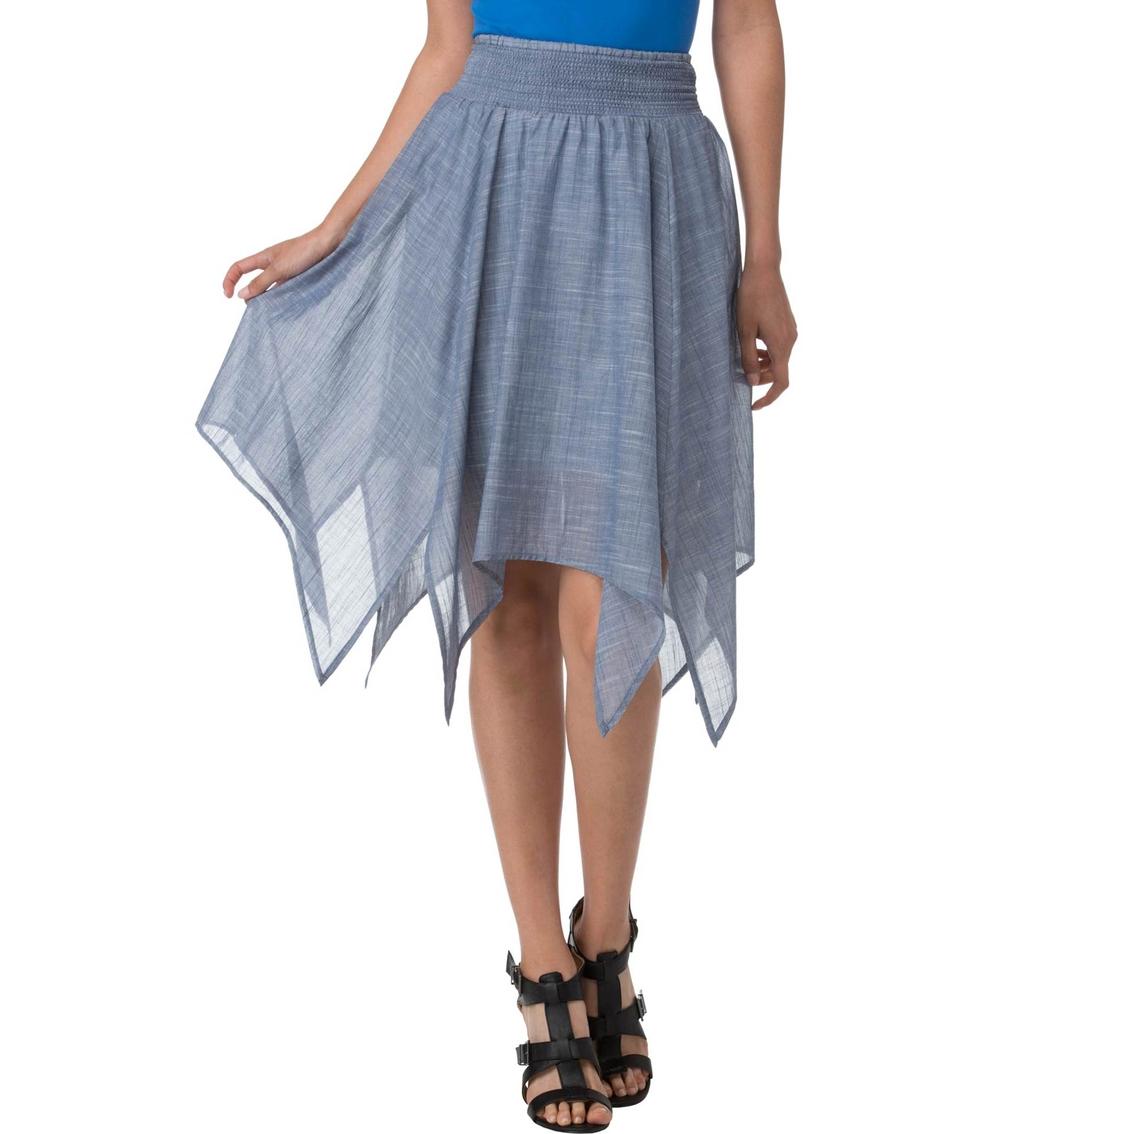 joe b juniors hanky hem maxi skirt skirts apparel